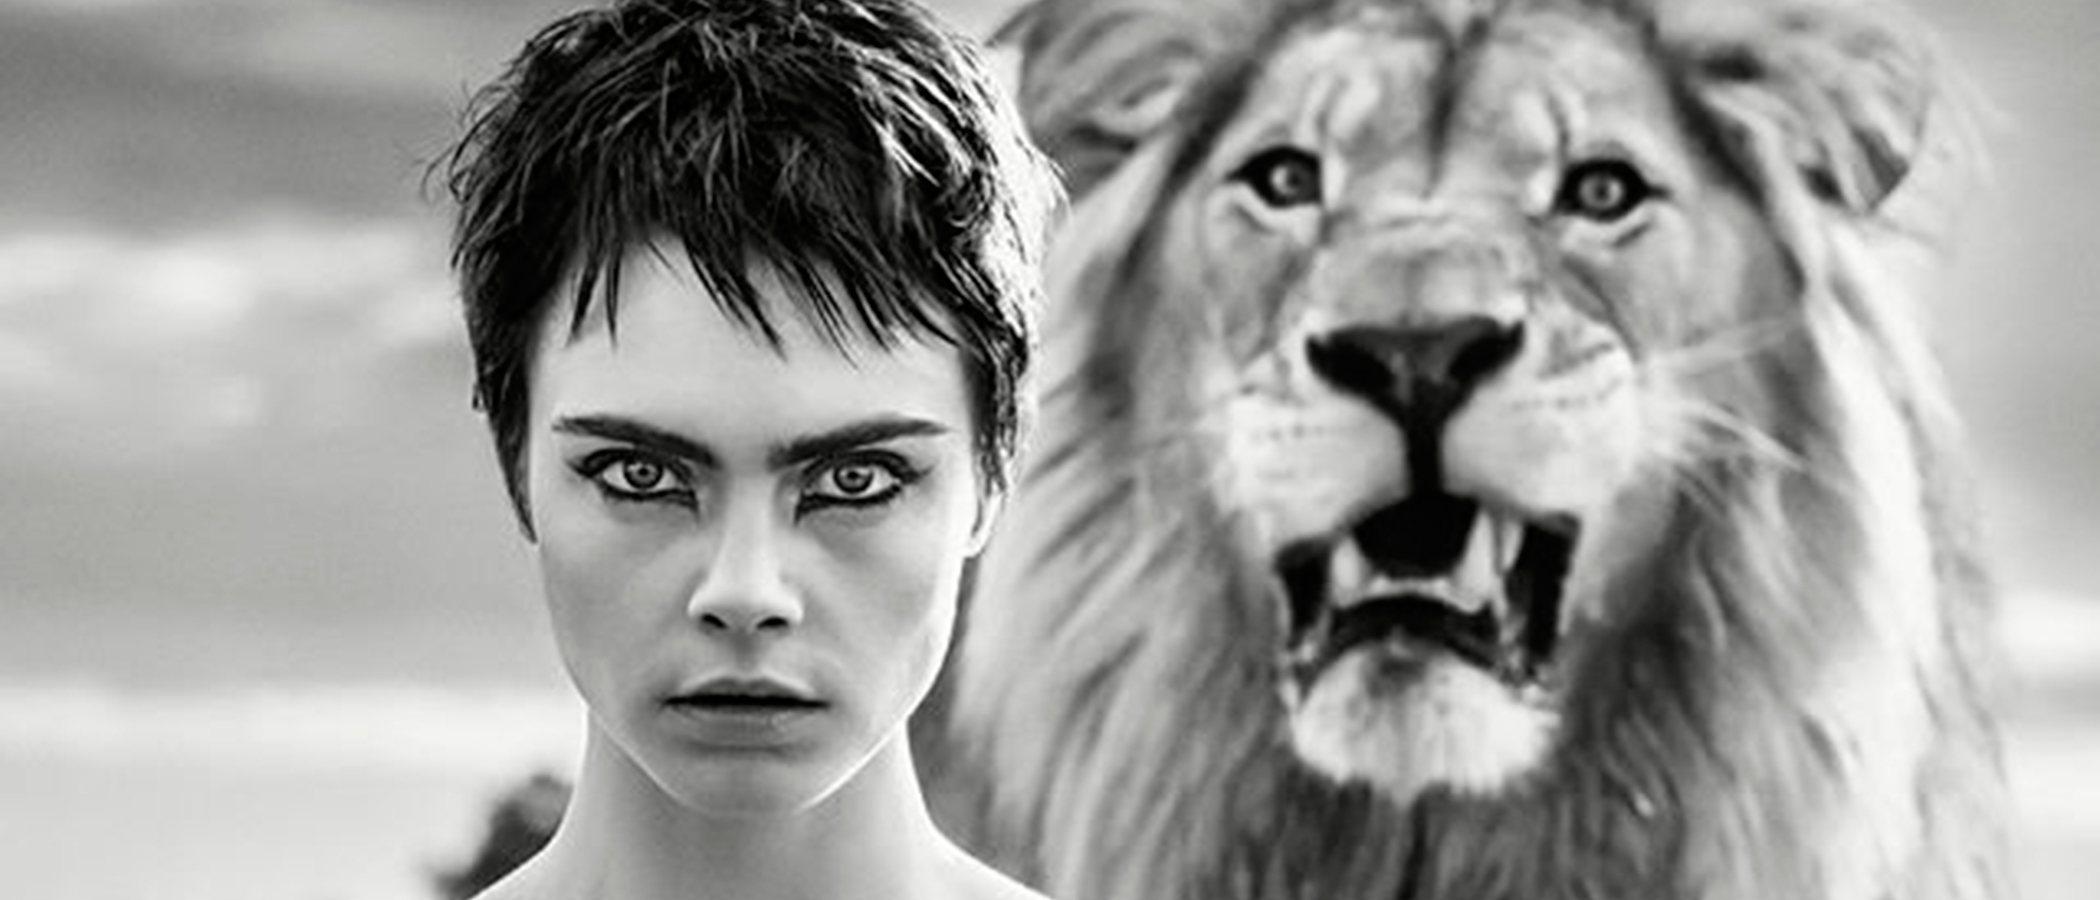 La evolución de estilismos de Cara Delevingne: la top model más rebelde